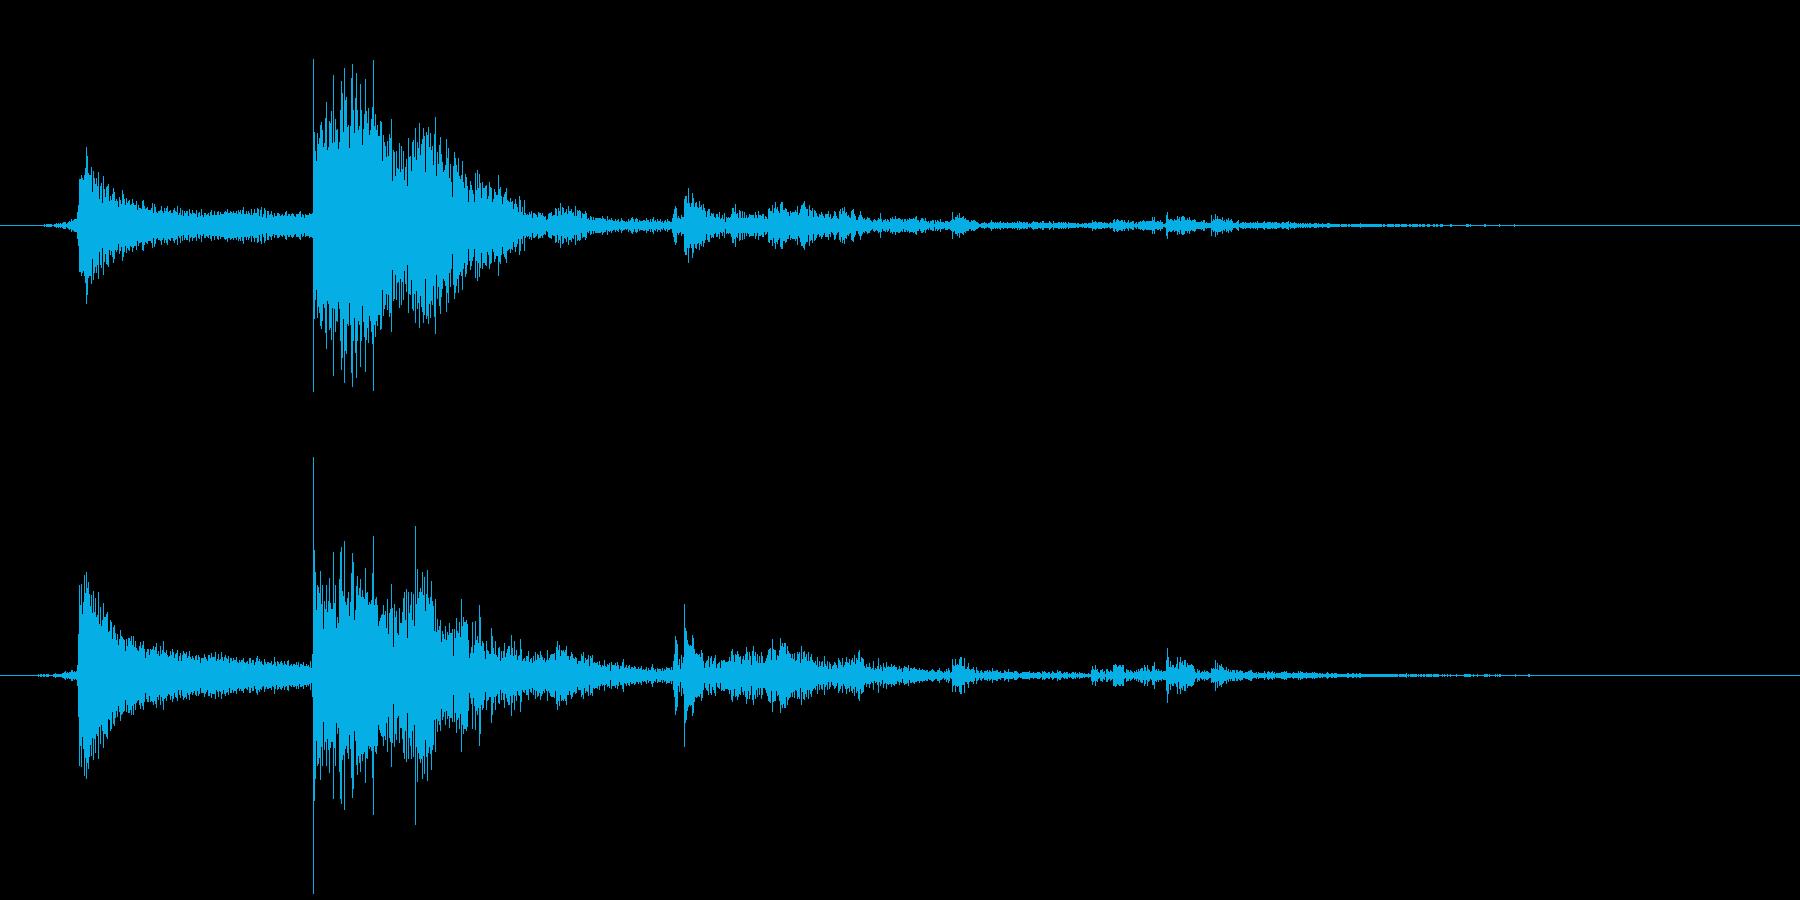 カギを入手した音・チャキッという金属音の再生済みの波形